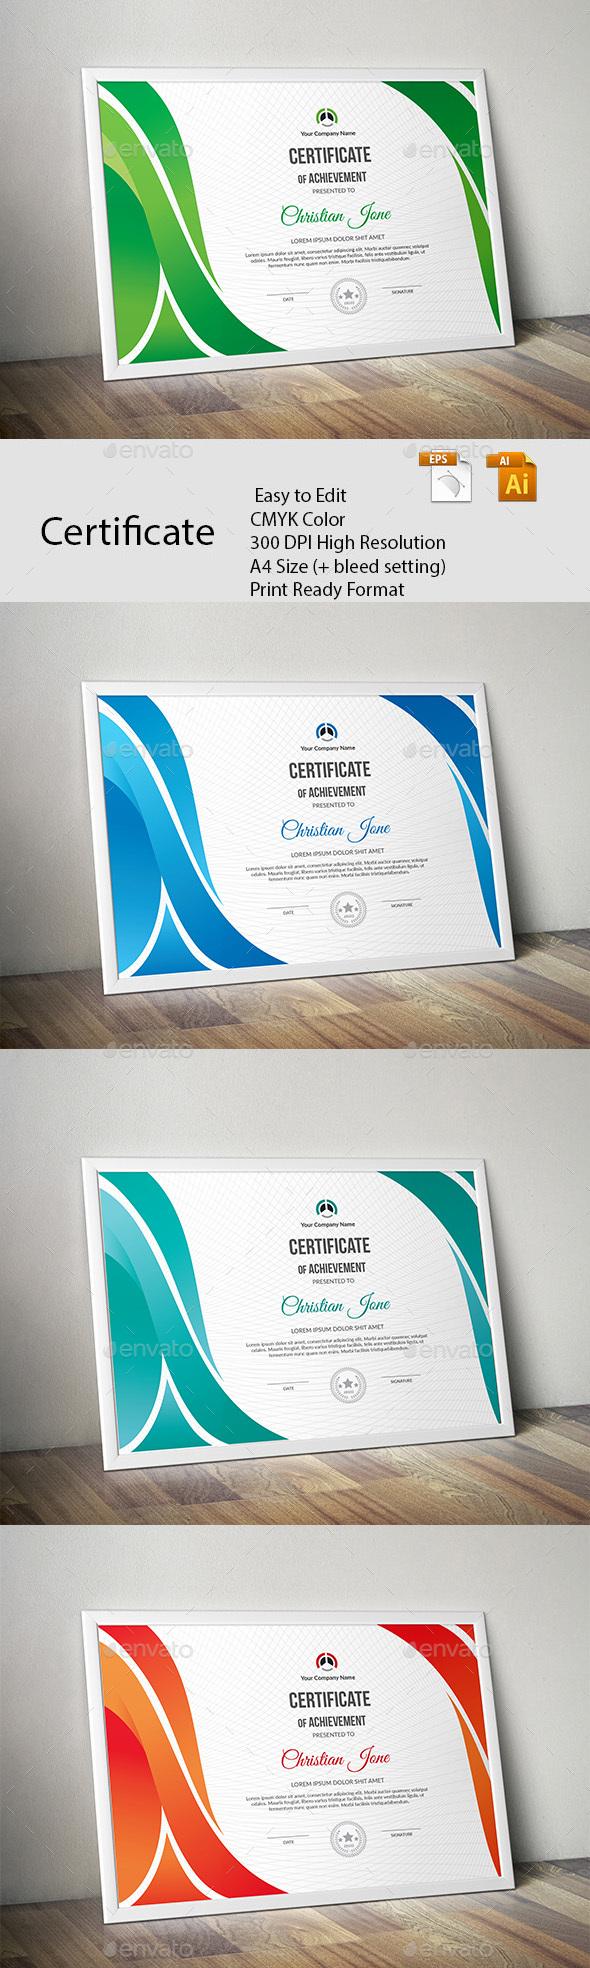 GraphicRiver Certificate 20692369